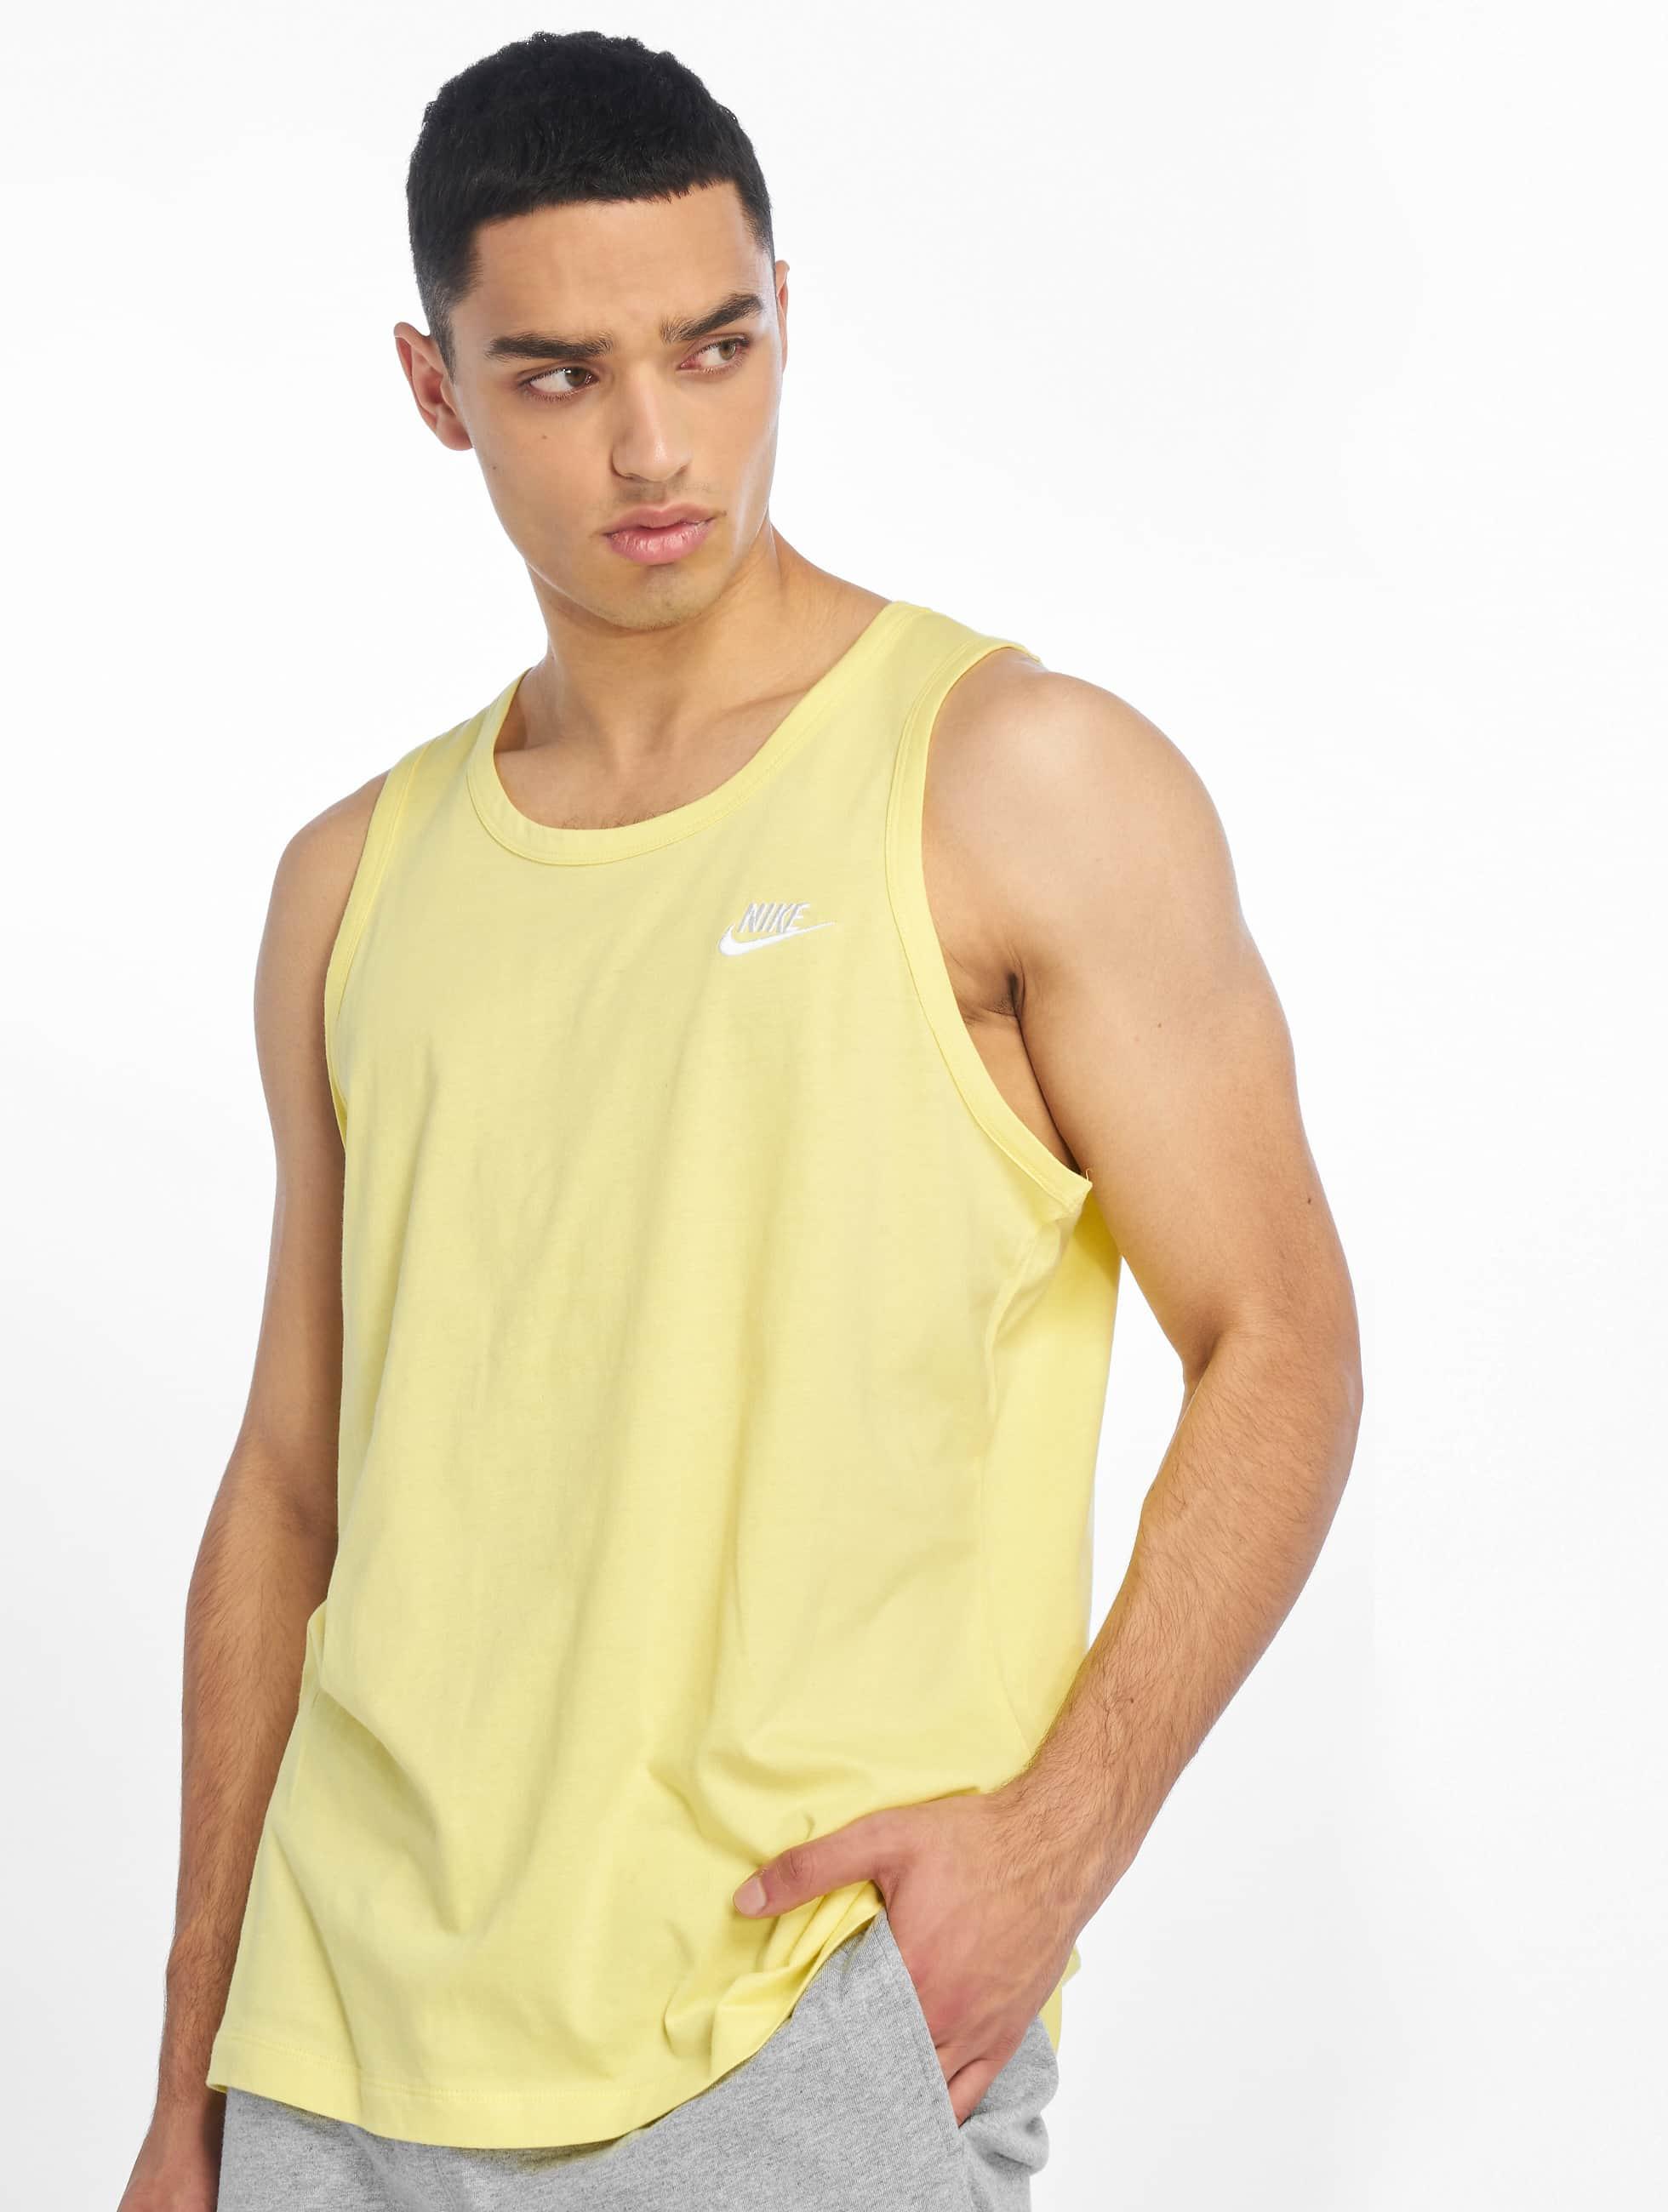 36d1c62353 Nike | Club Tank Top jaune Homme Débardeur 669764